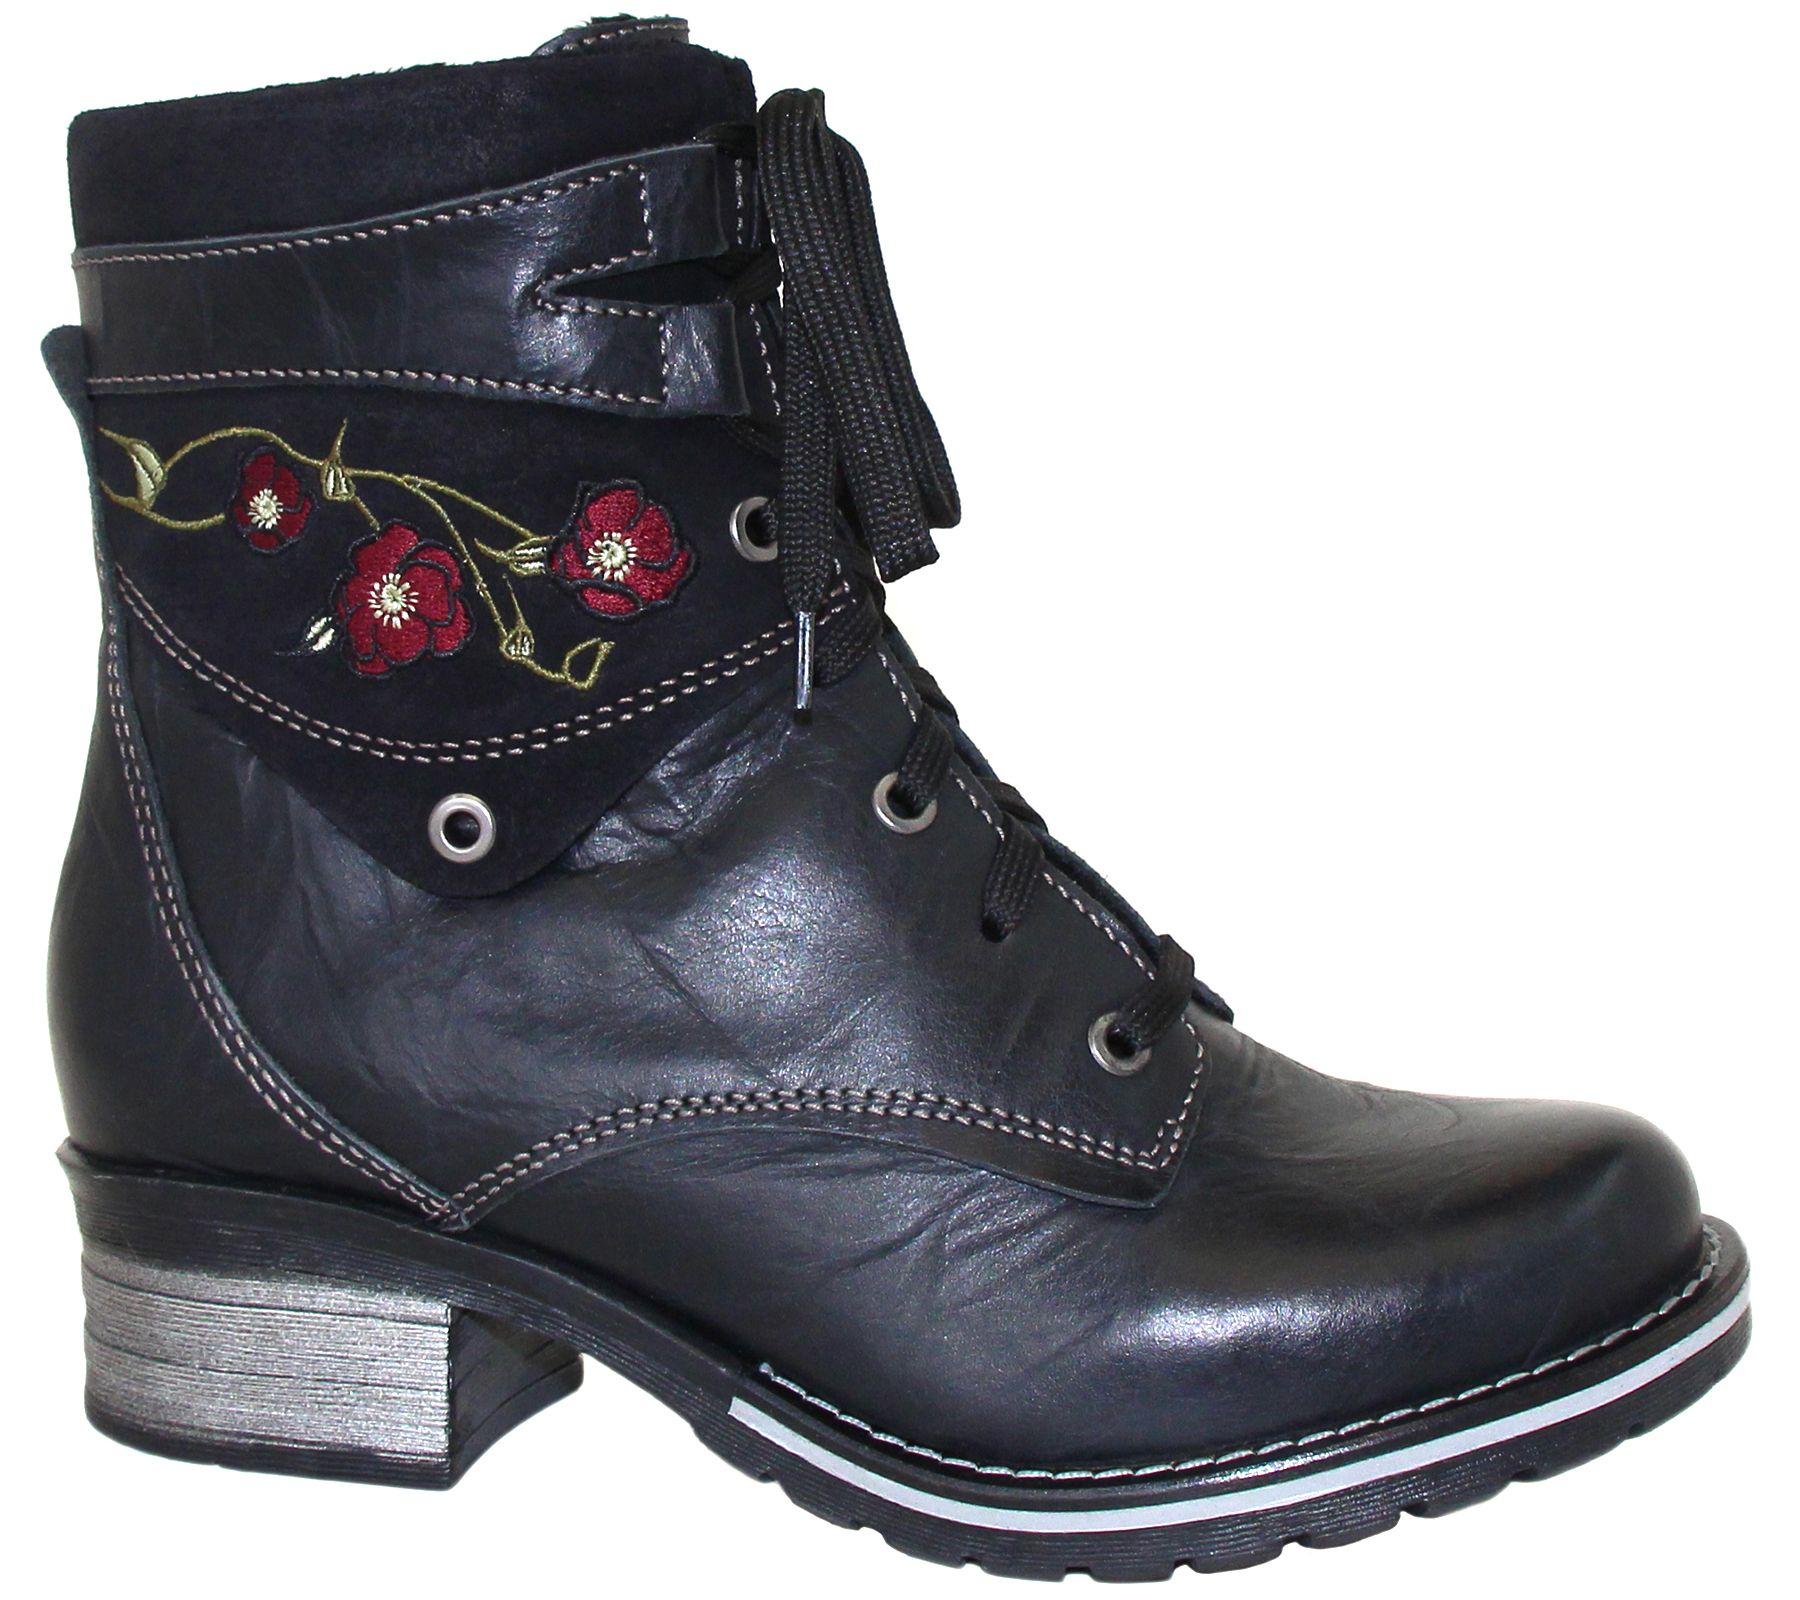 aec6e0e73526 Dromedaris Leather Lace Up Ankle Boots - Kara Embroidery — QVC.com